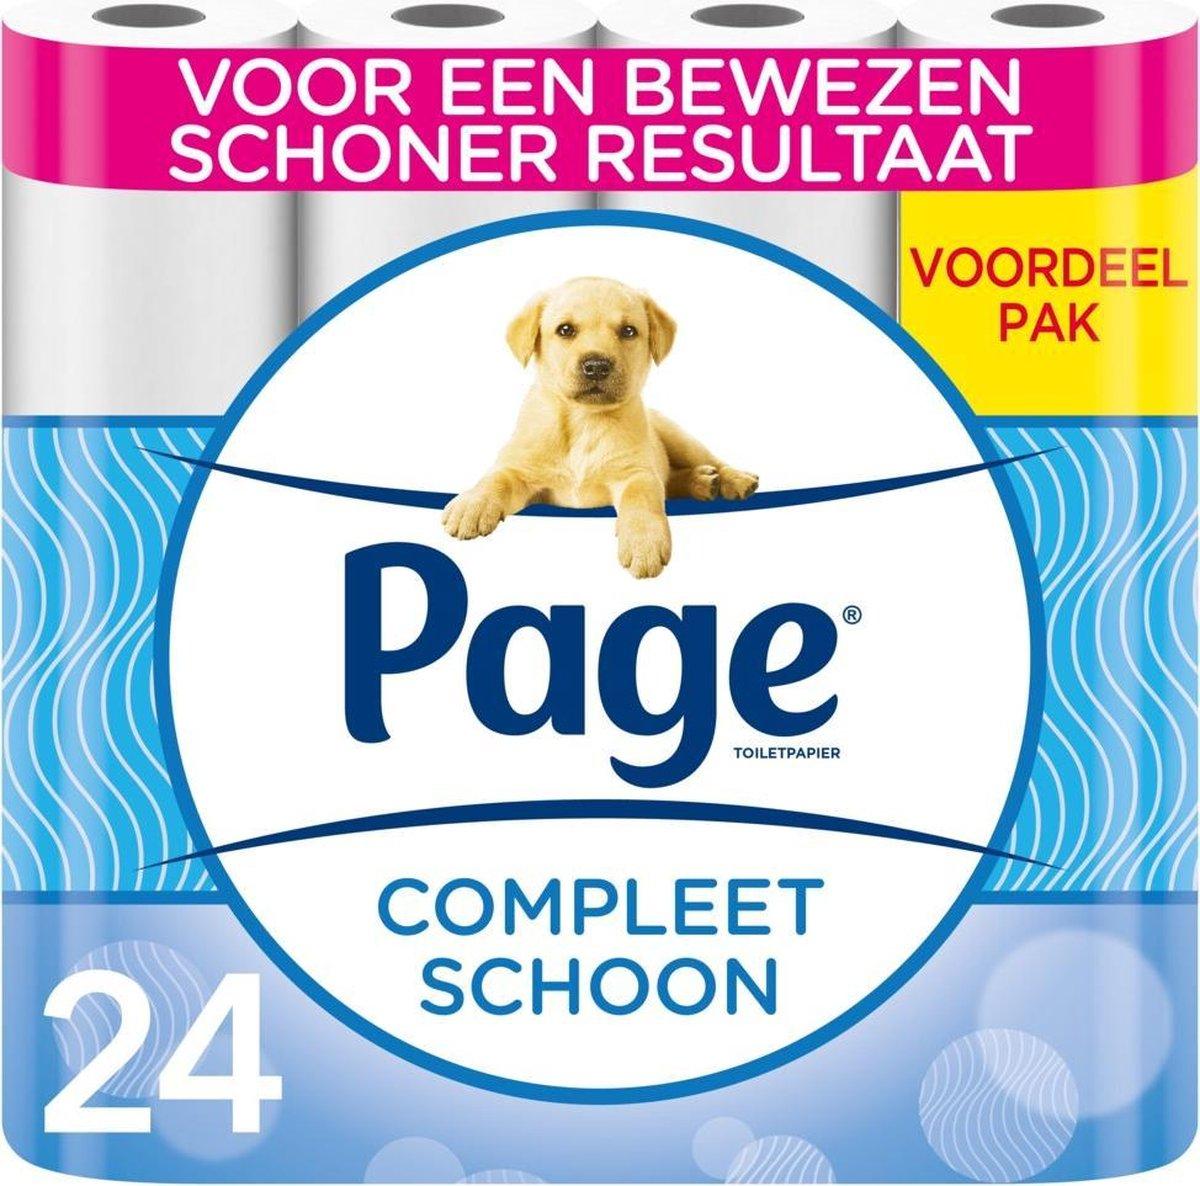 Page toiletpapier - Compleet schoon - 24 rollen